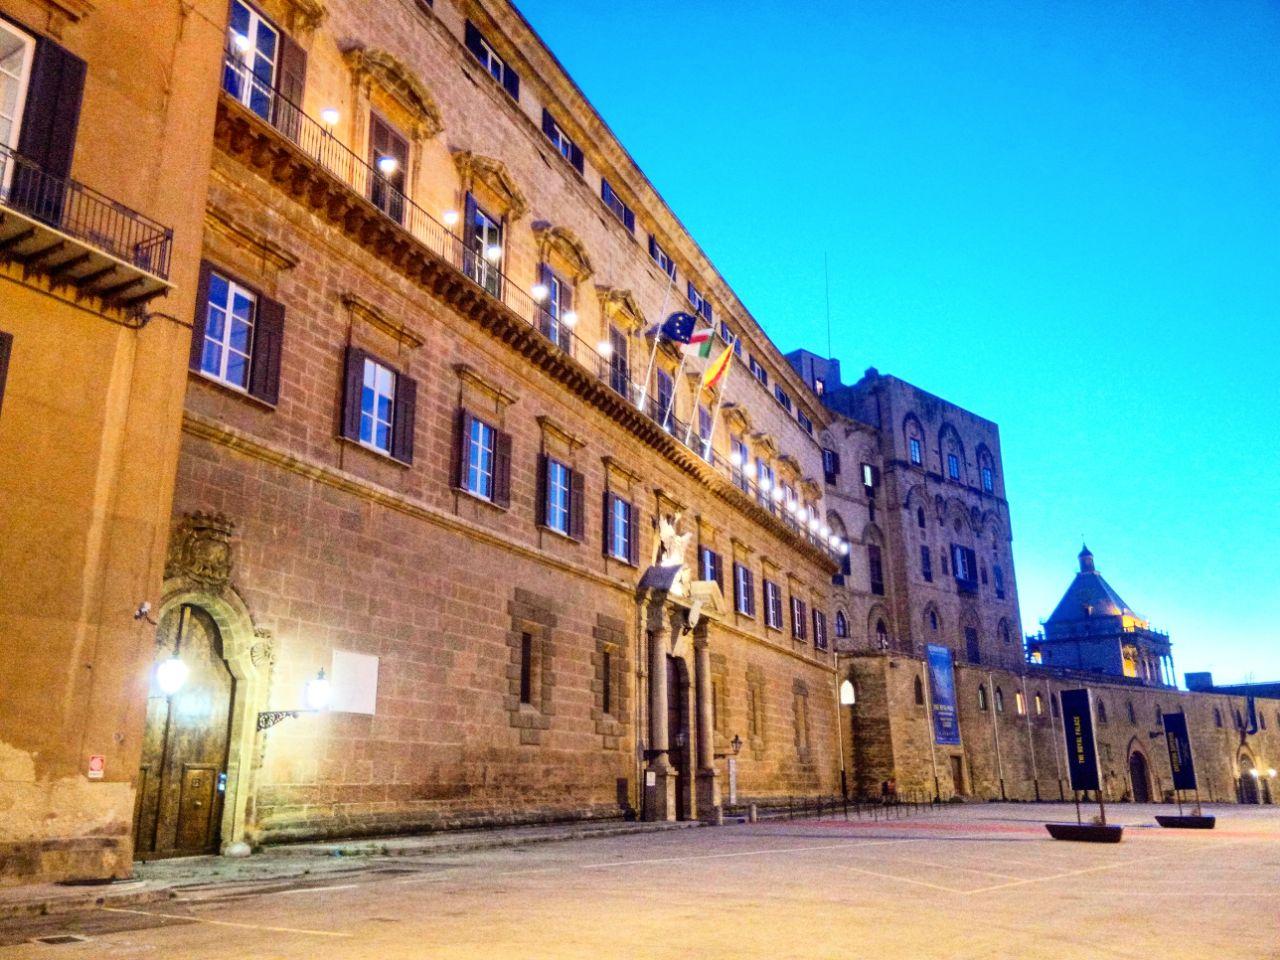 Ars, Palazzo dei Normanni